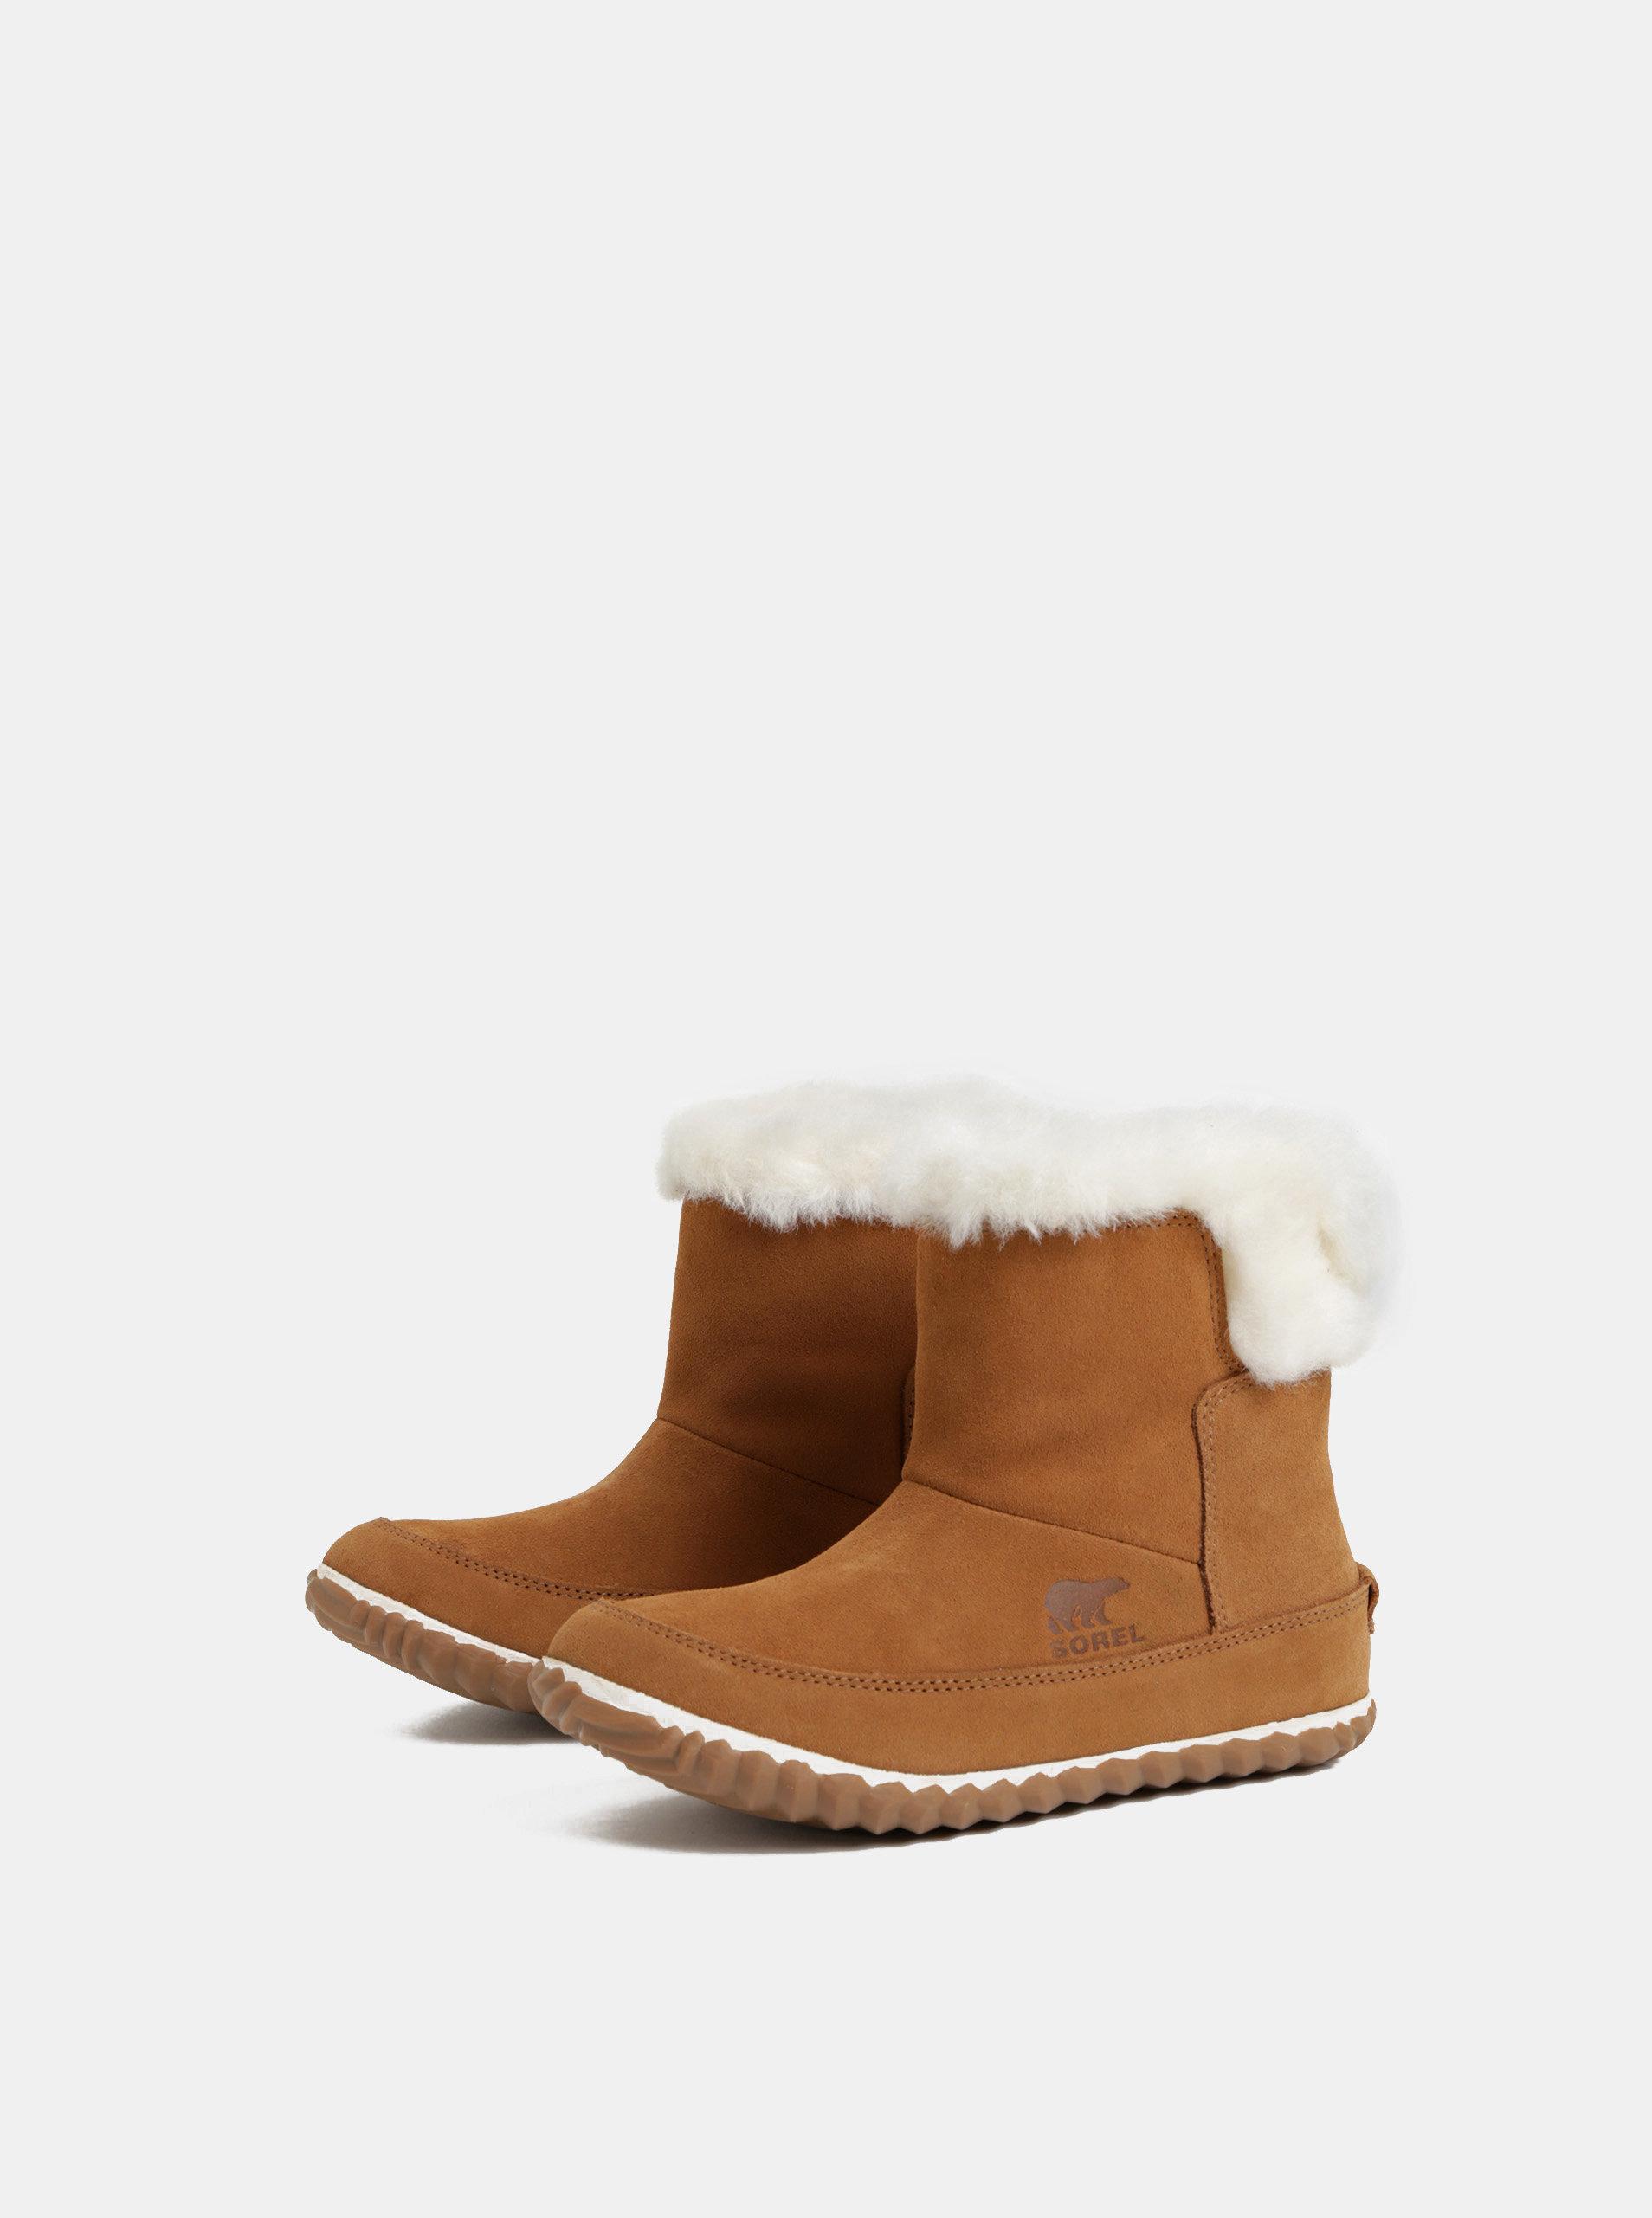 997eb55437813 Hnedé dámske semišové zimné členkové topánky s vnútornou umelou kožušinkou  SOREL OUT N ABOUT ...